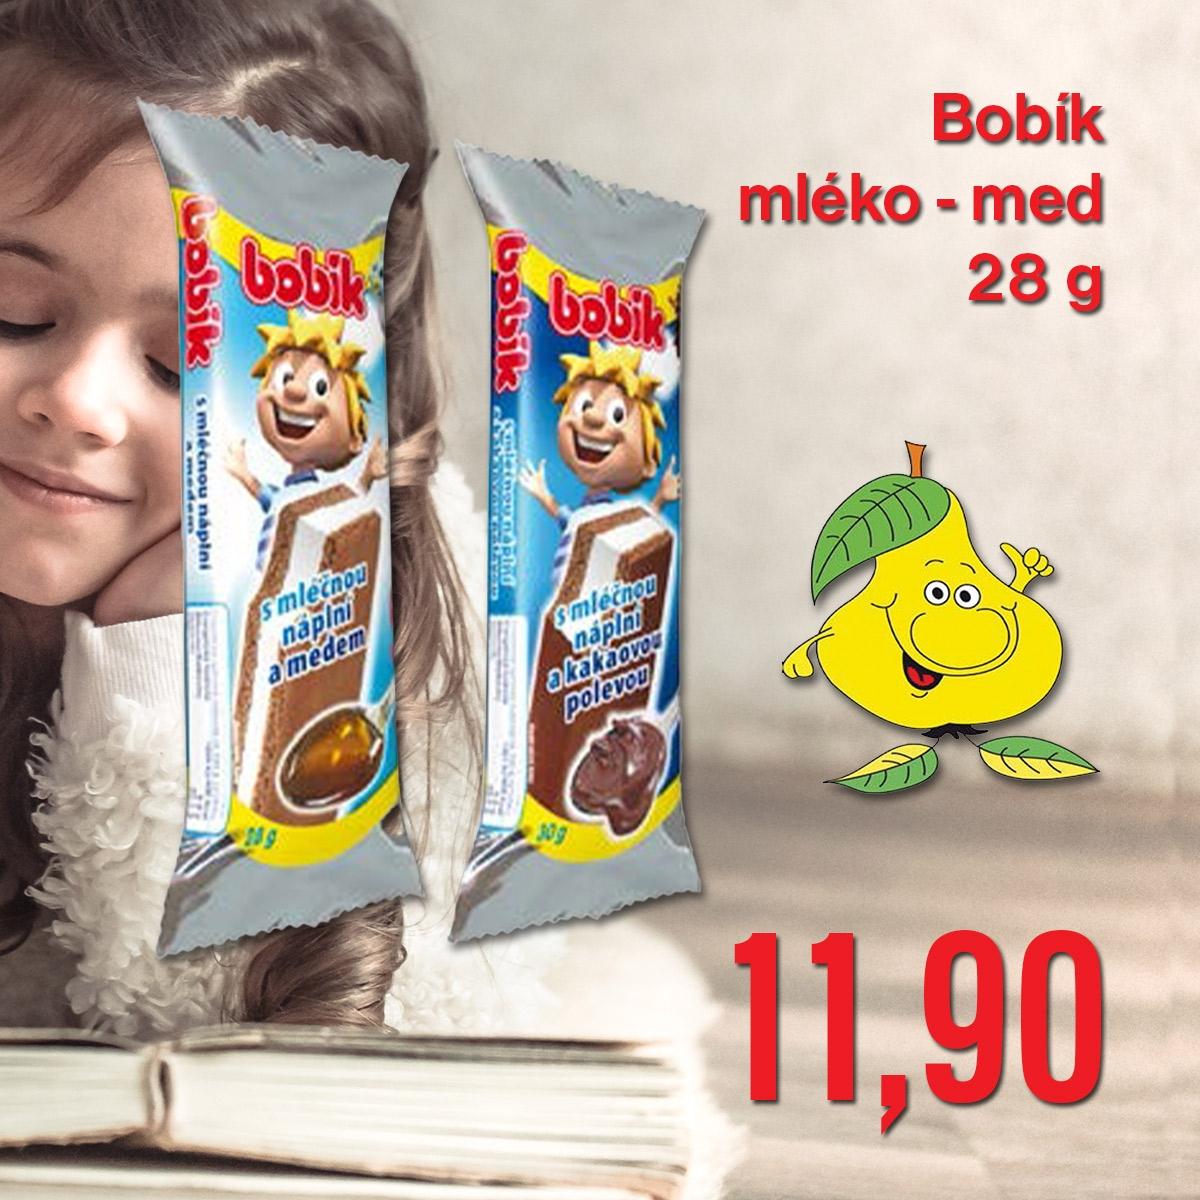 Bobík mléko - med 28 g